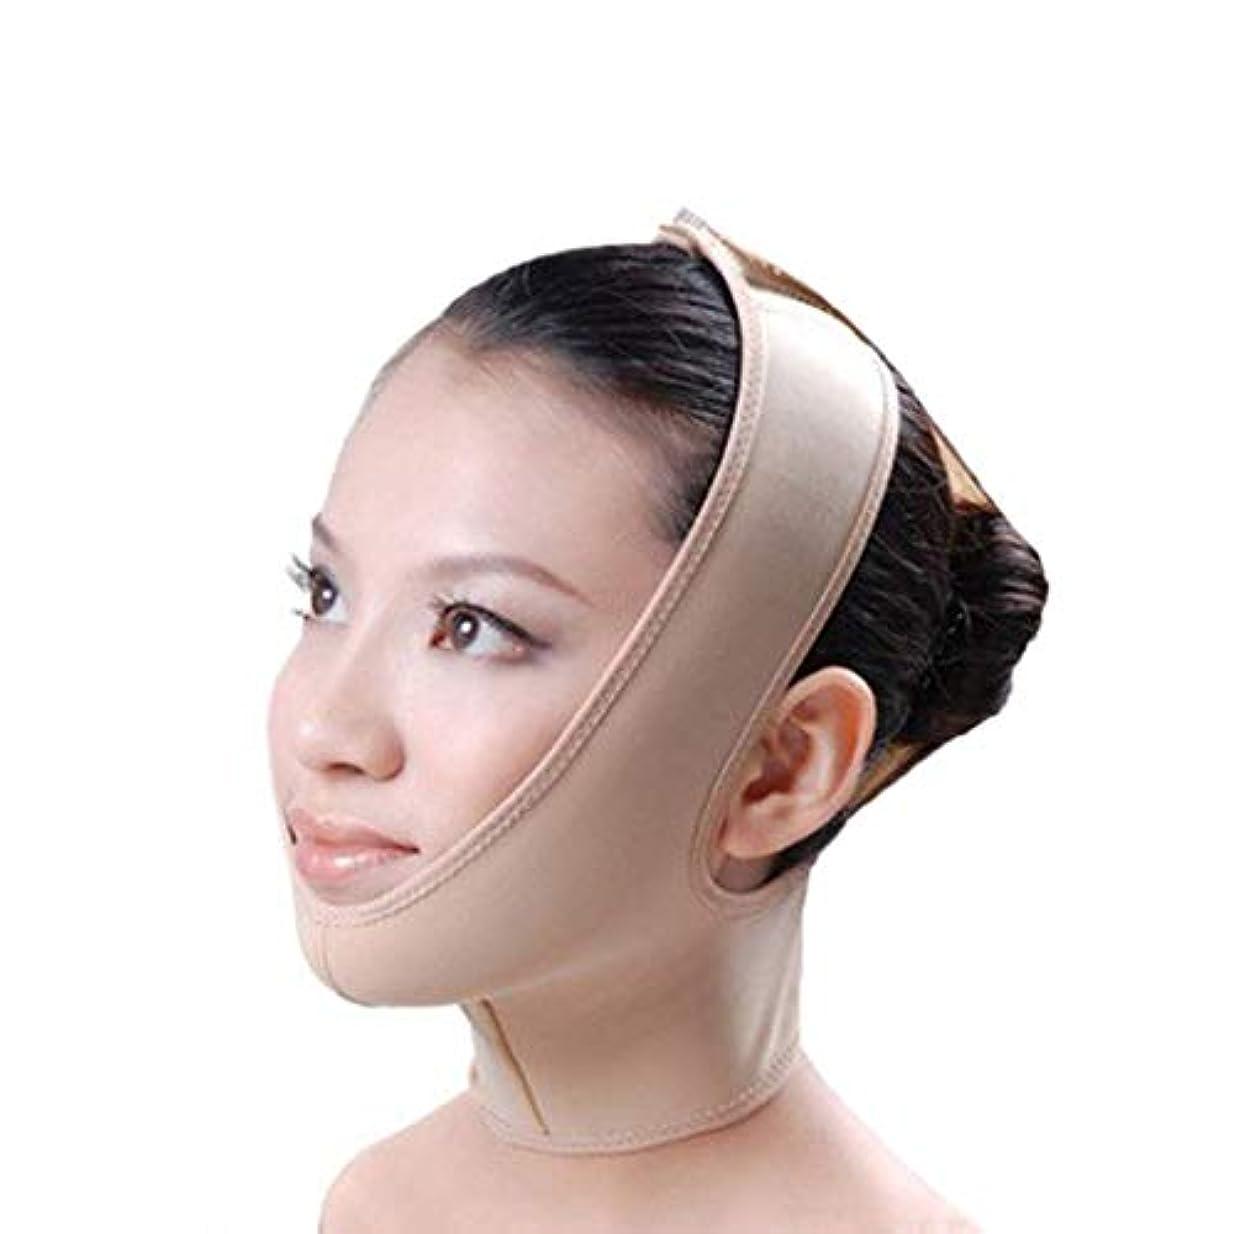 薬局フォーラムフラグラントフェイススリム、リフティングマスク、包帯リフト、二重あご、引き締めフェイシャルリフト、フェイシャル減量マスク、リフティングスキン包帯(サイズ:XL),M